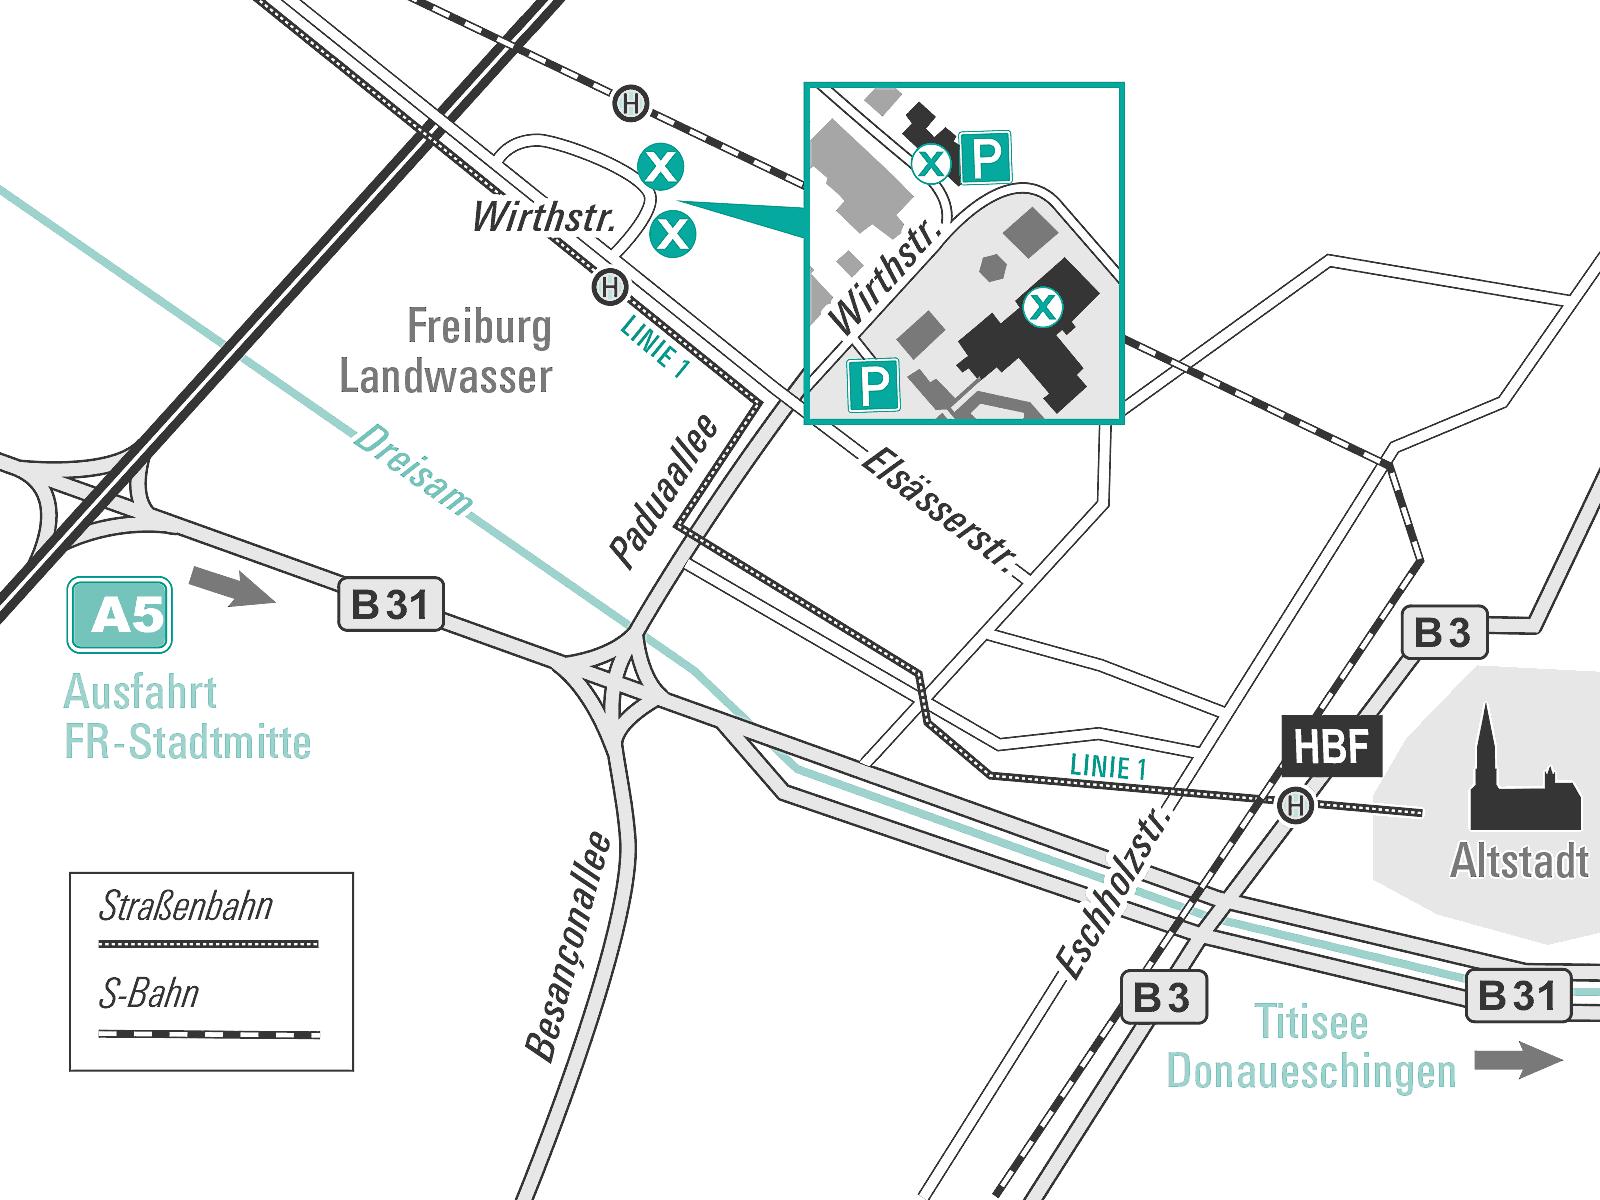 Anfahrtskizze IBID - Radiologie im Diakoniekrankenhaus Freiburg und im Ärztehaus WTZ